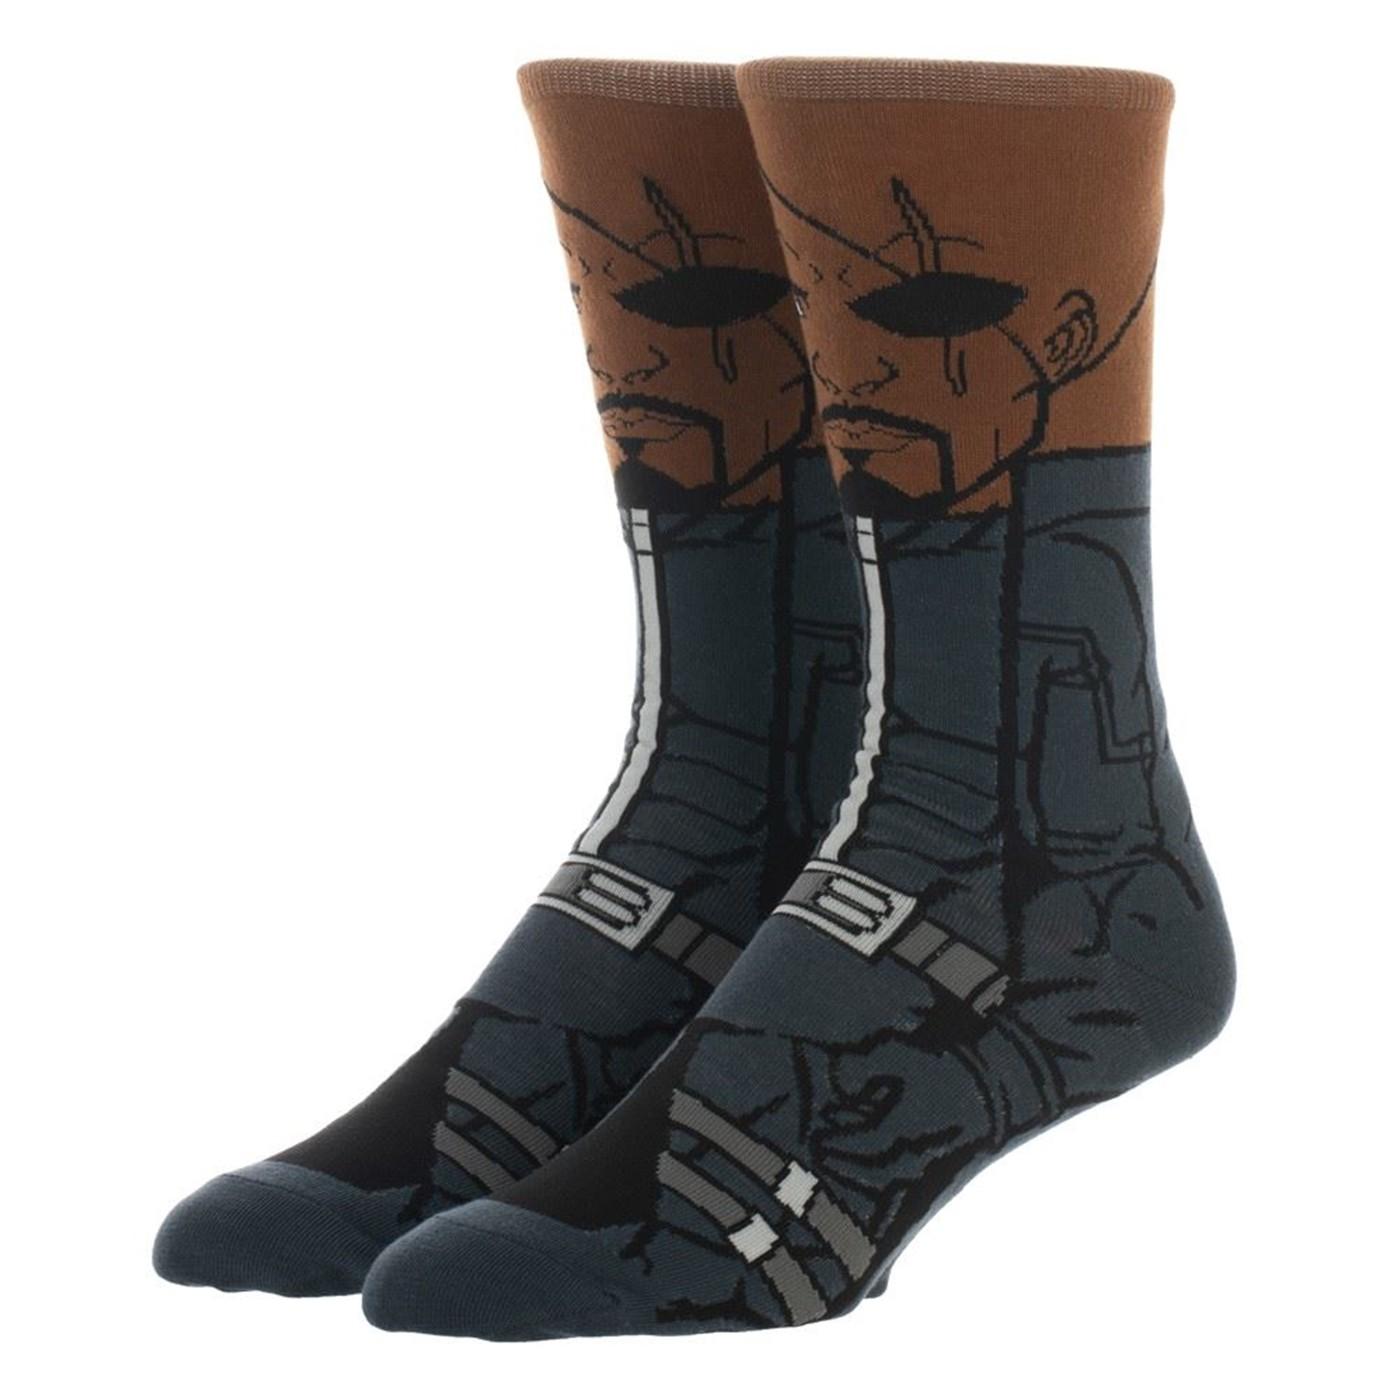 Nick Fury 360 Character Crew Sock